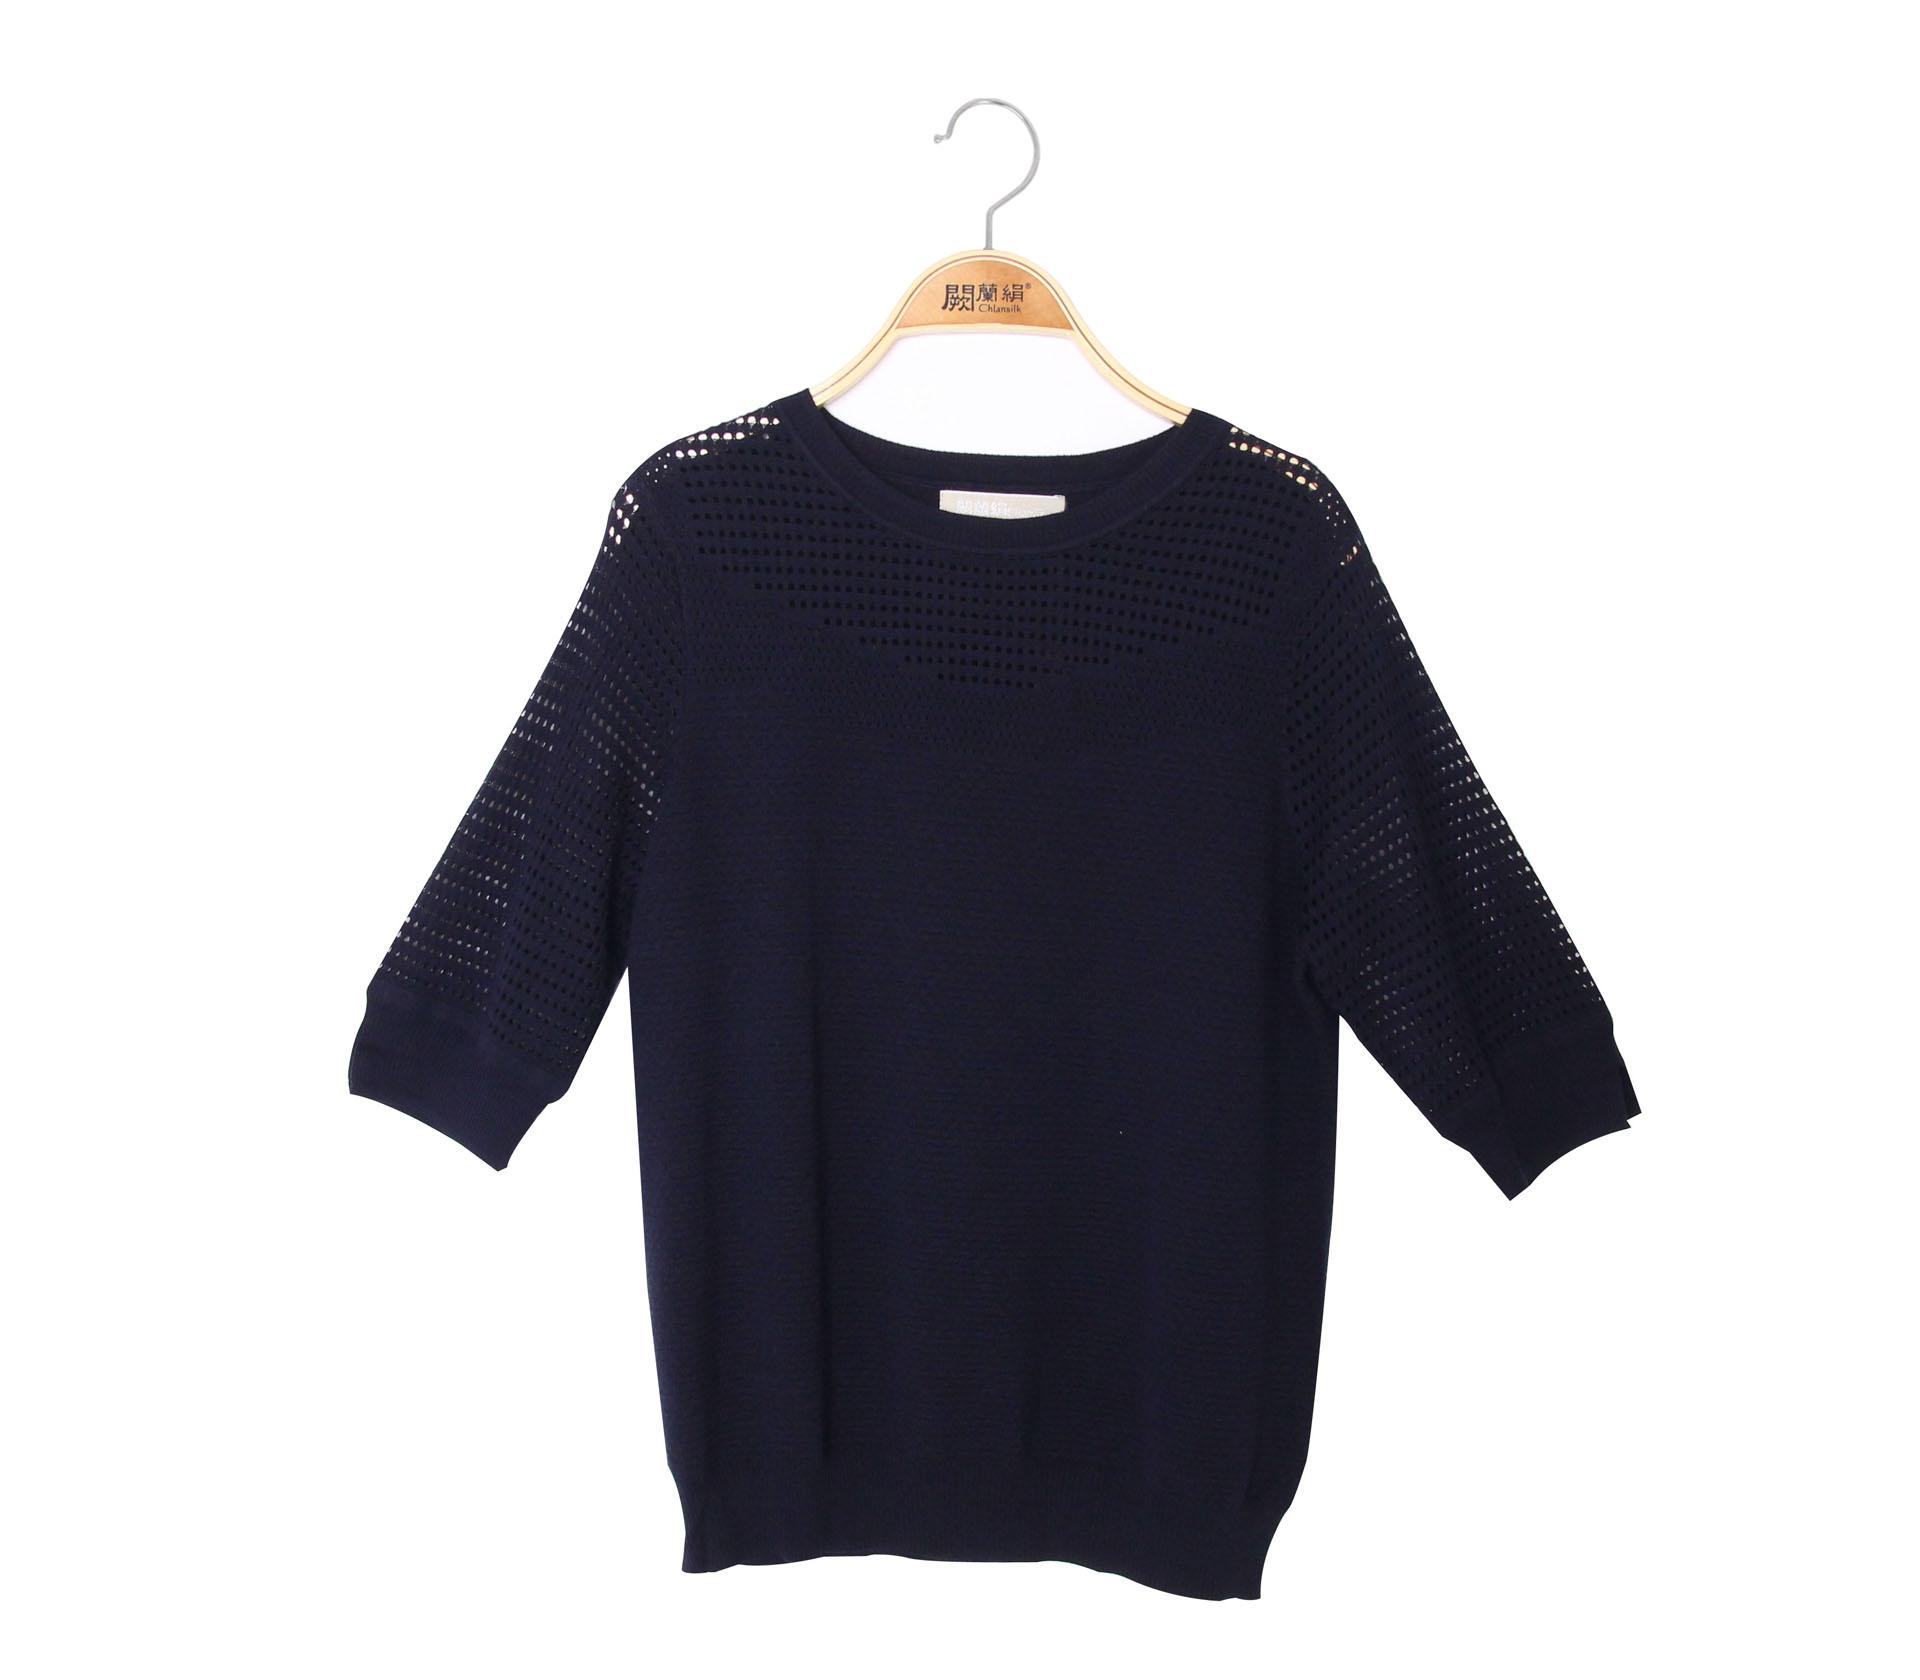 闕蘭絹簡約款小簍空蠶絲針織上衣 - 藍色 - 6006